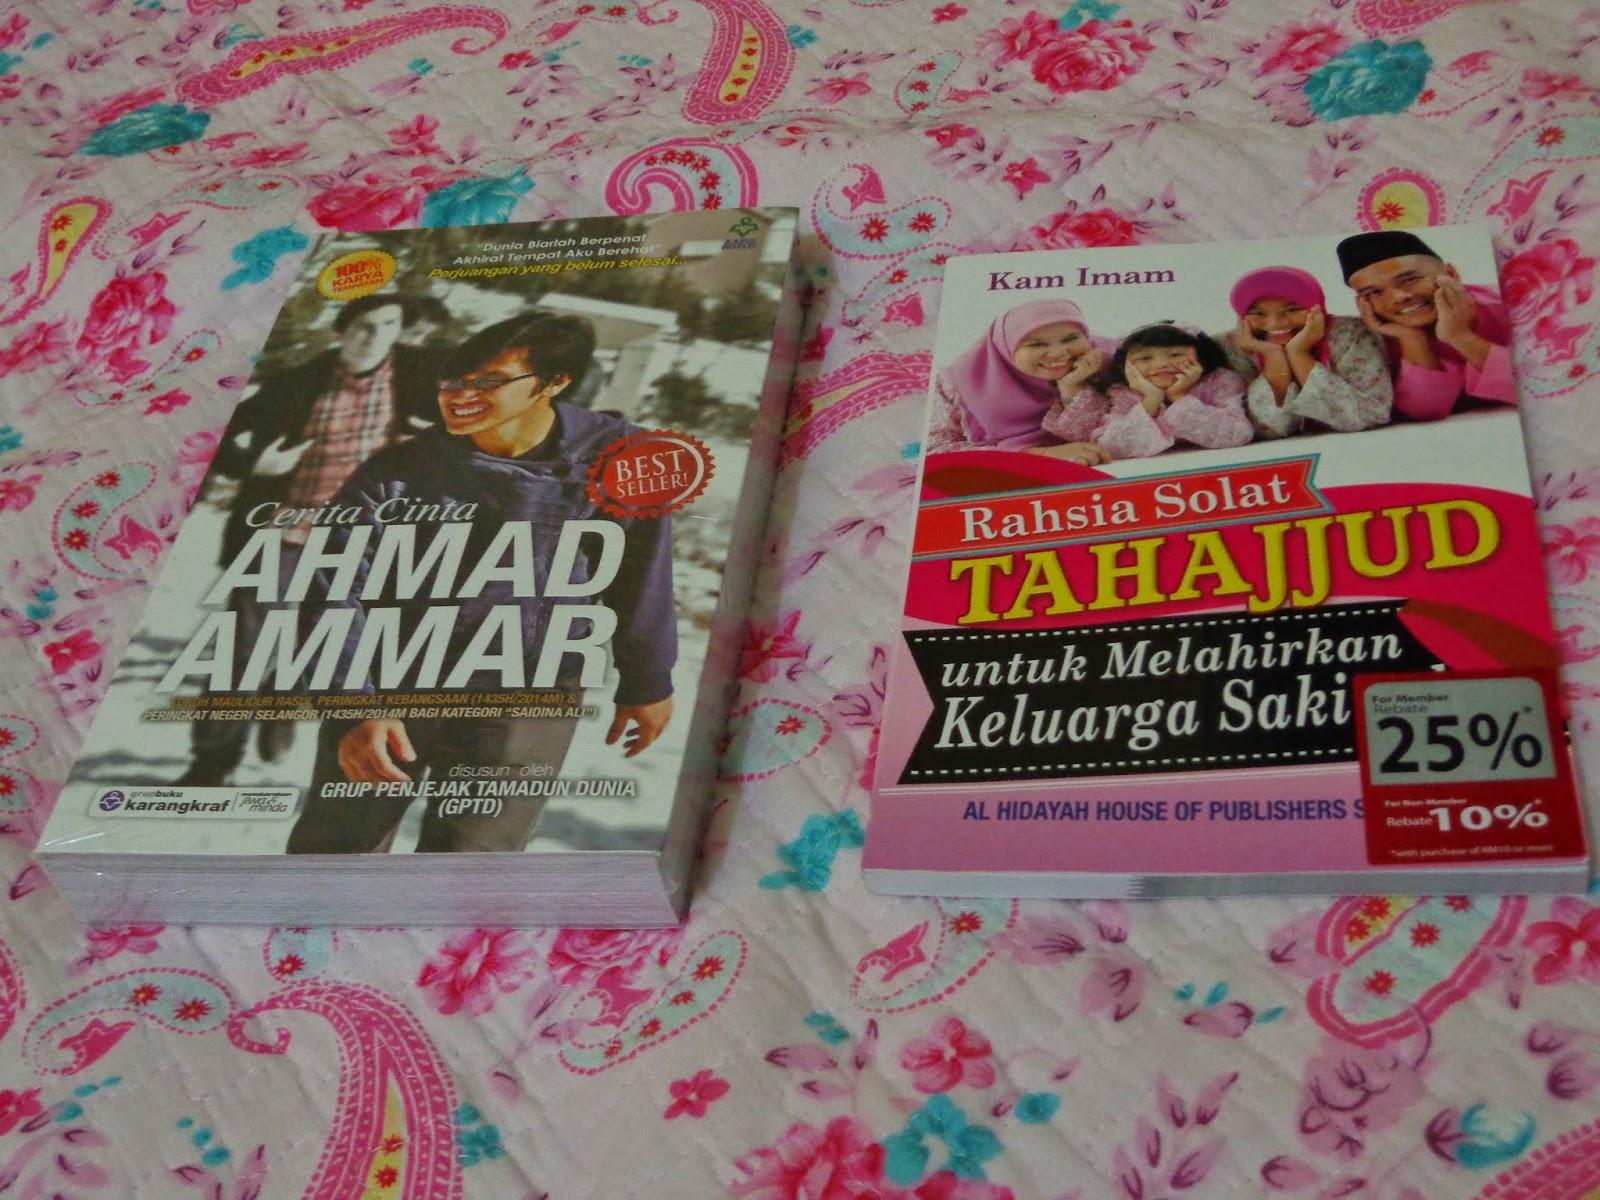 Beli Novel Cerita Cinta Ahmad Ammar Buku Rahsia Solat Tahajjud